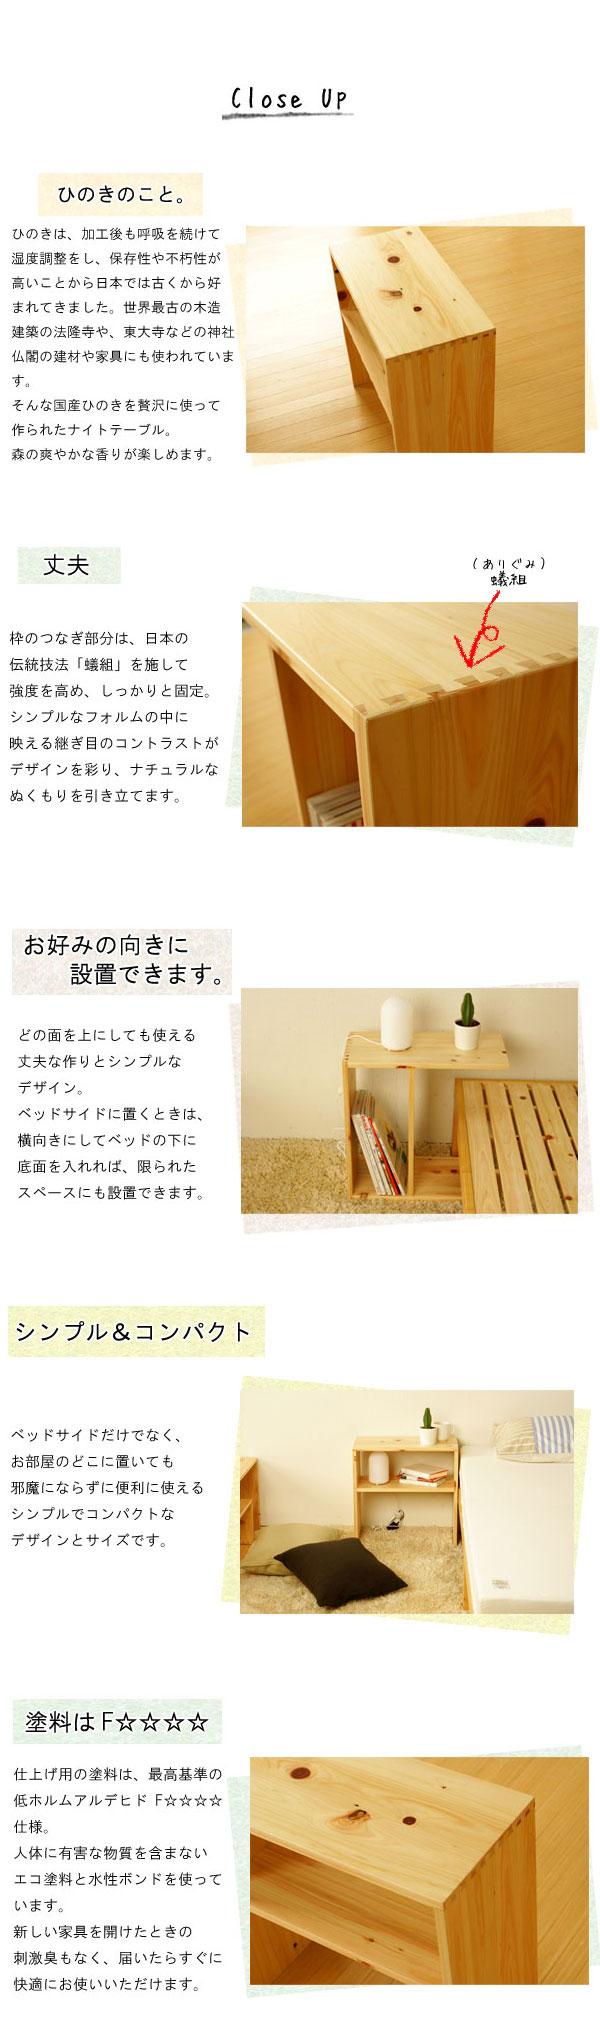 国産ひのきのナイトテーブルイメージ画像5